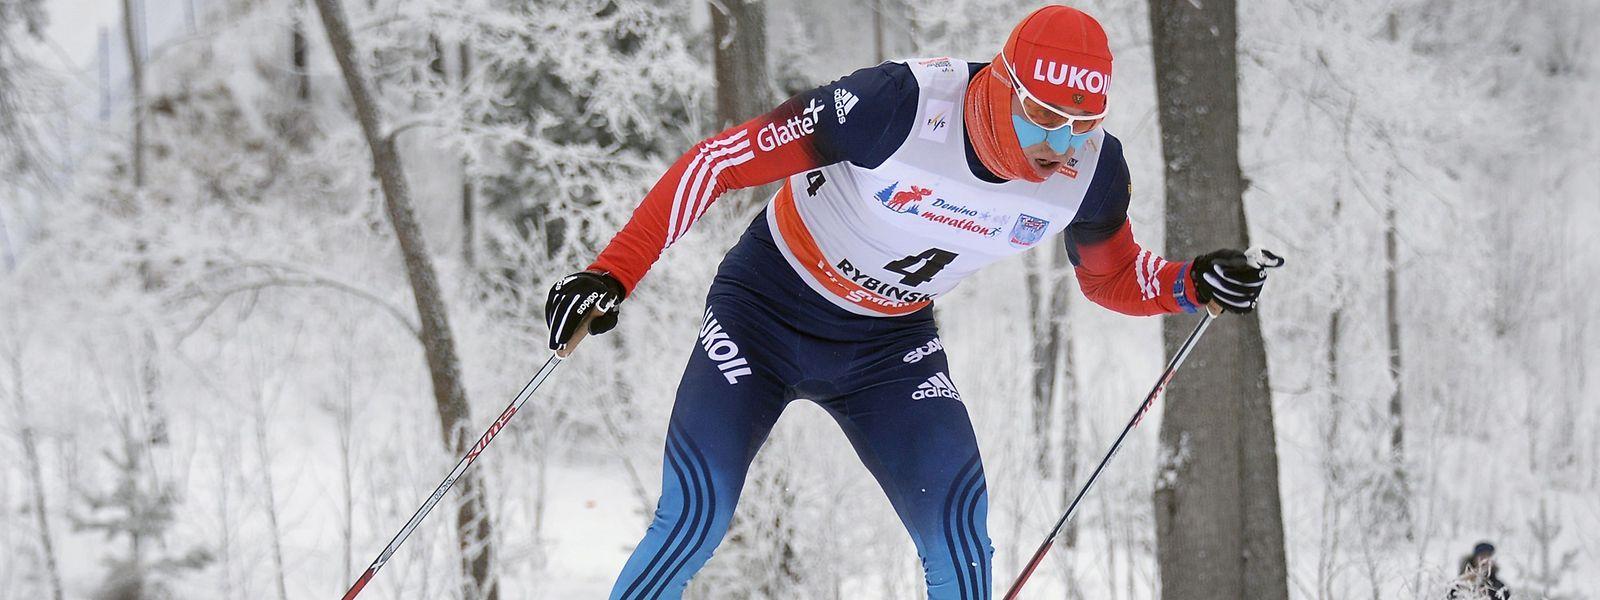 Skilangläufer Alexander Legkov muss zuschauen.